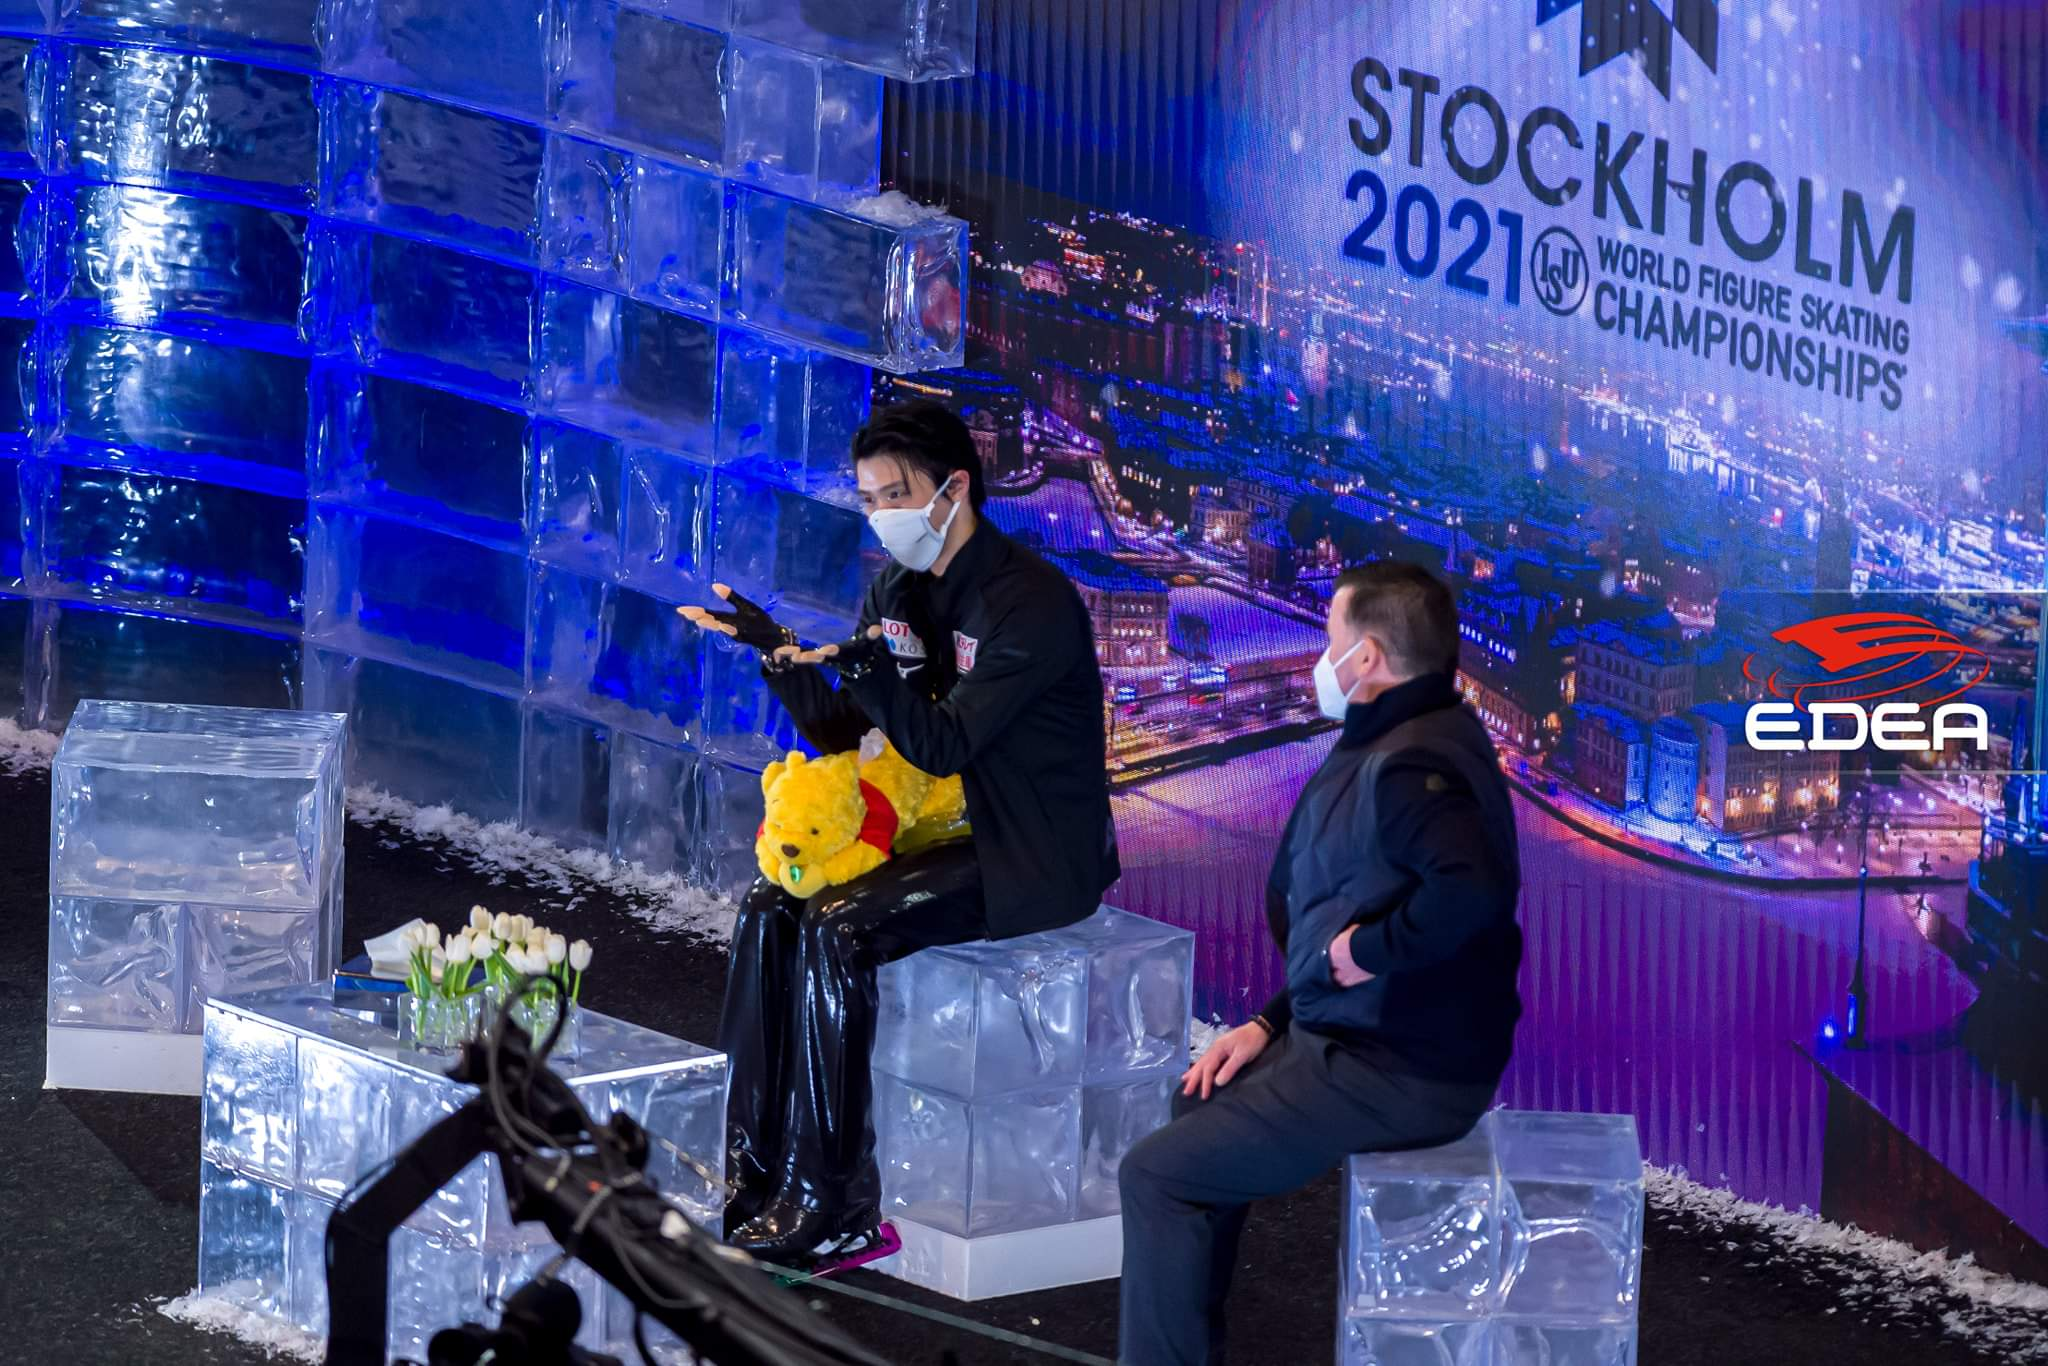 WCStockholm2021 Practice 6 e SP